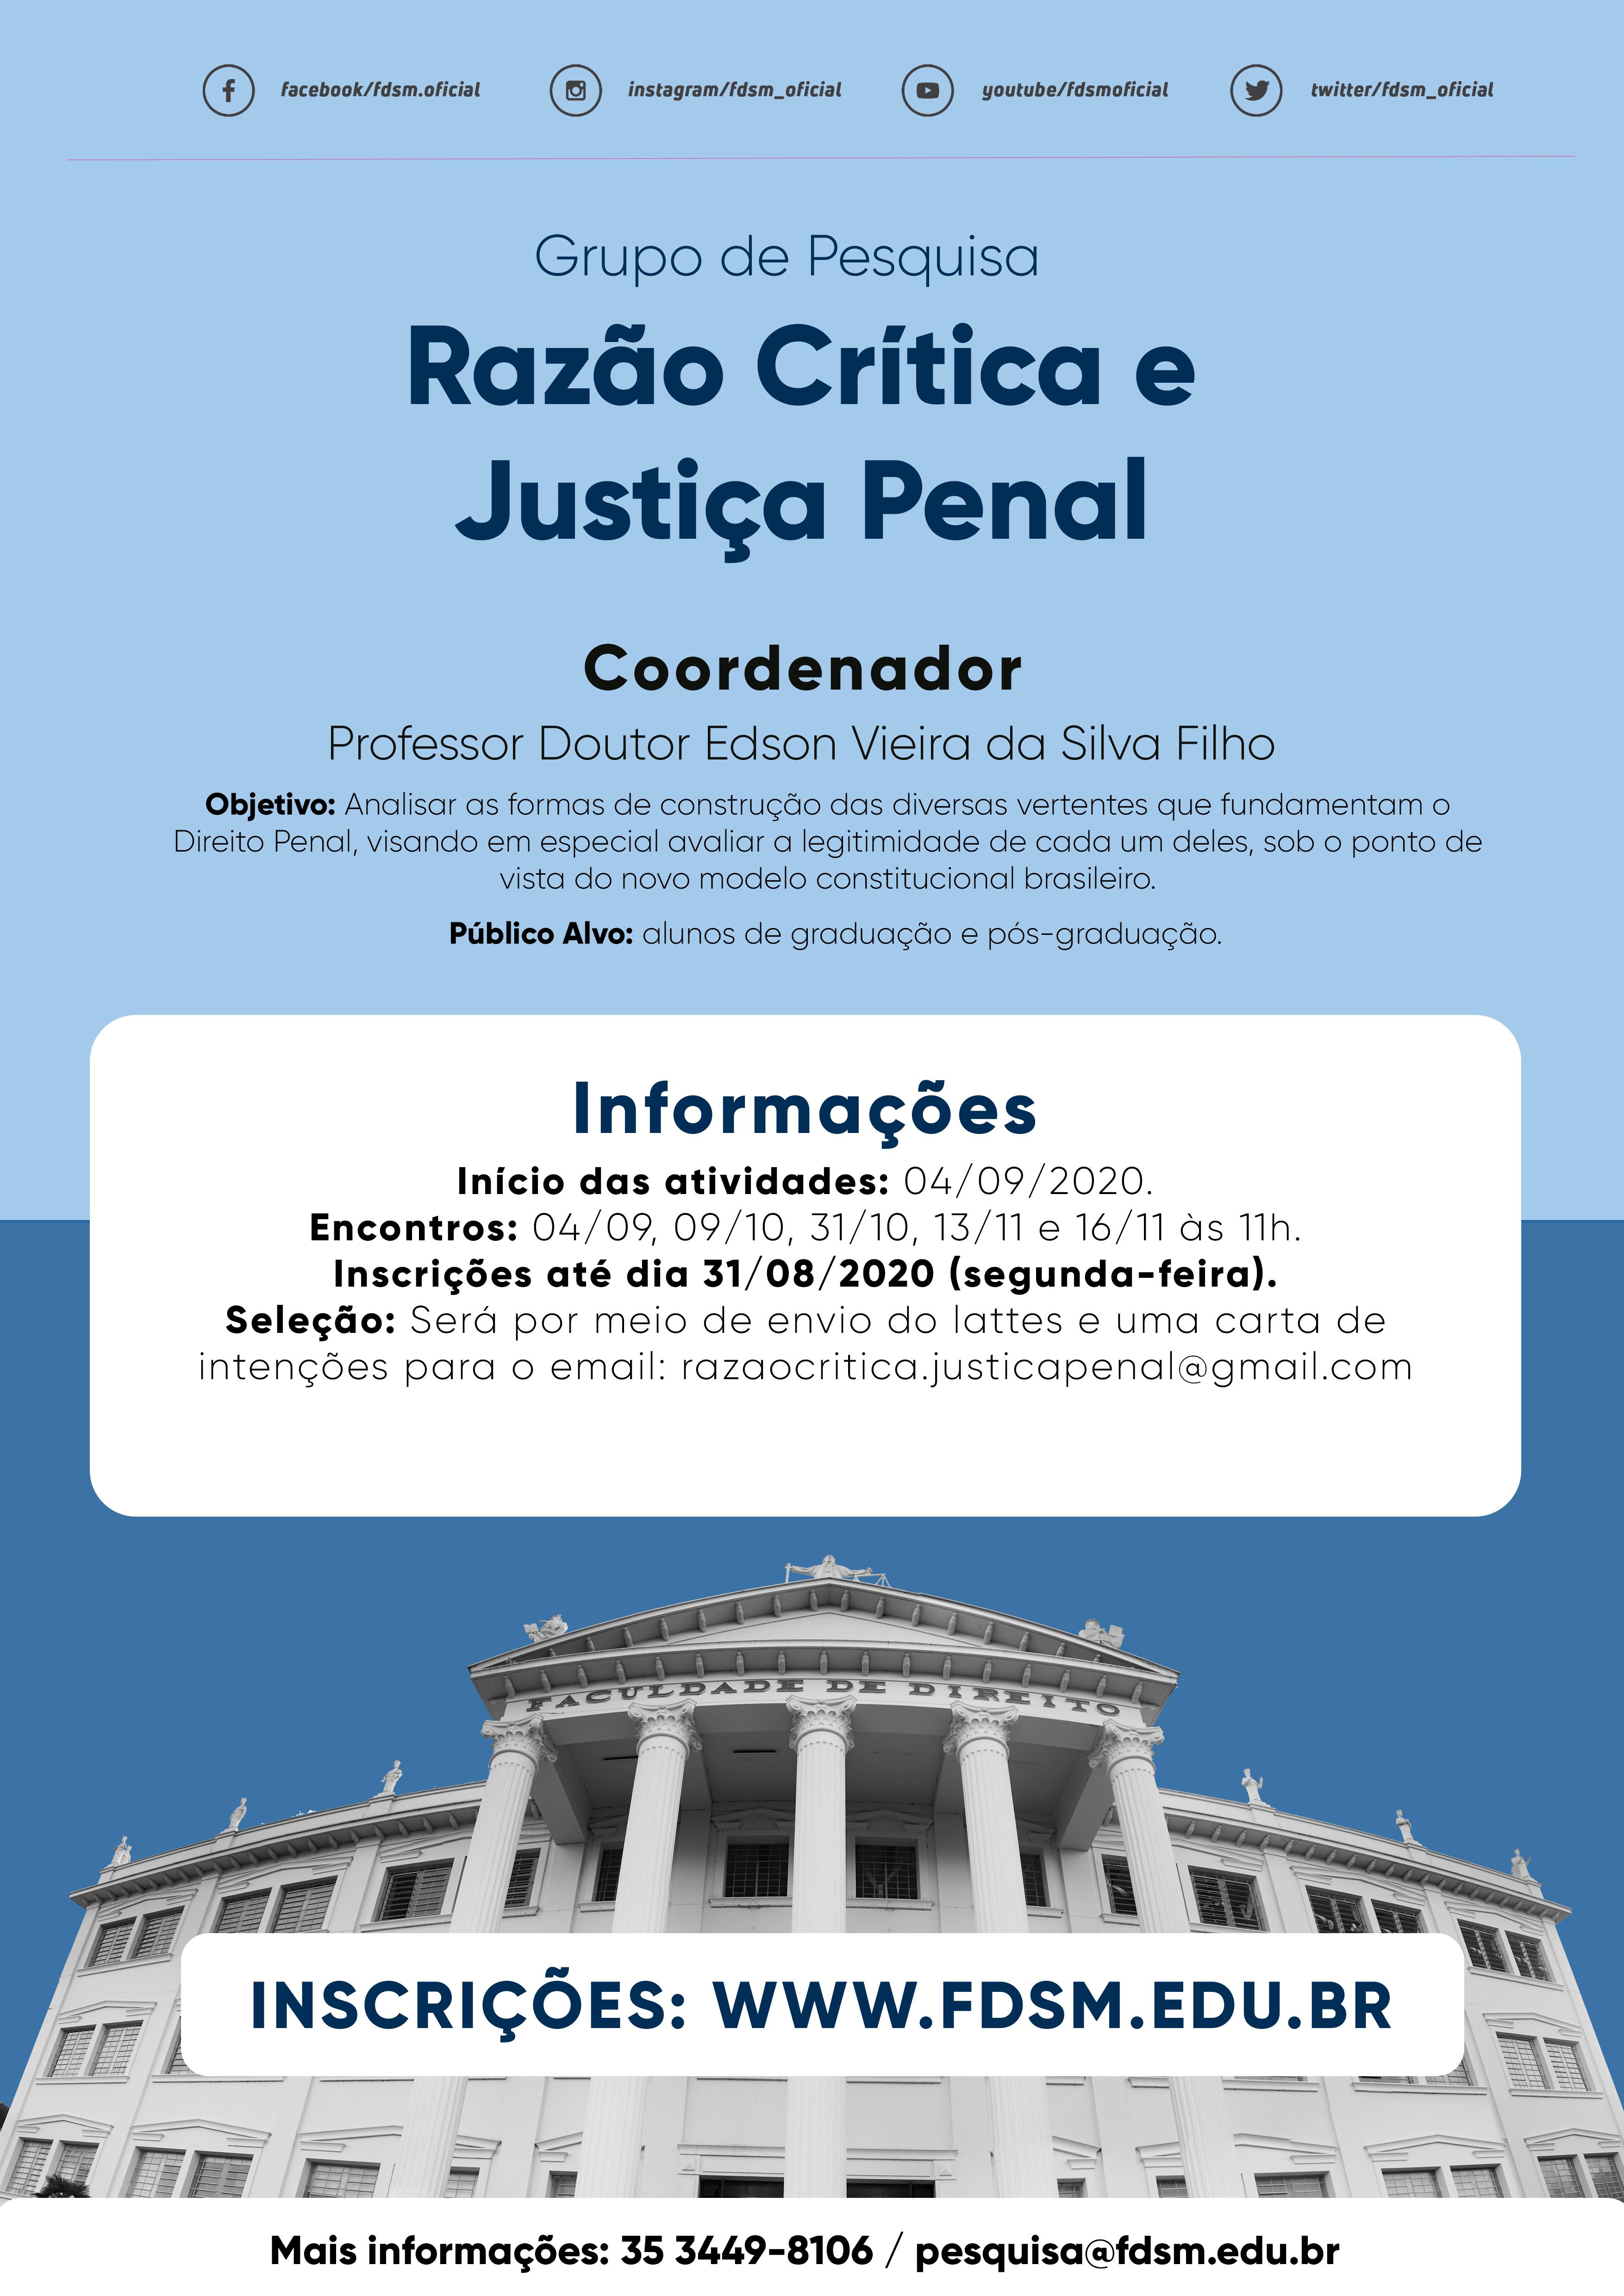 Noticia 6522 - GRUPO DE PESQUISA RAZÃO CRÍTICA E JUSTIÇA PENAL